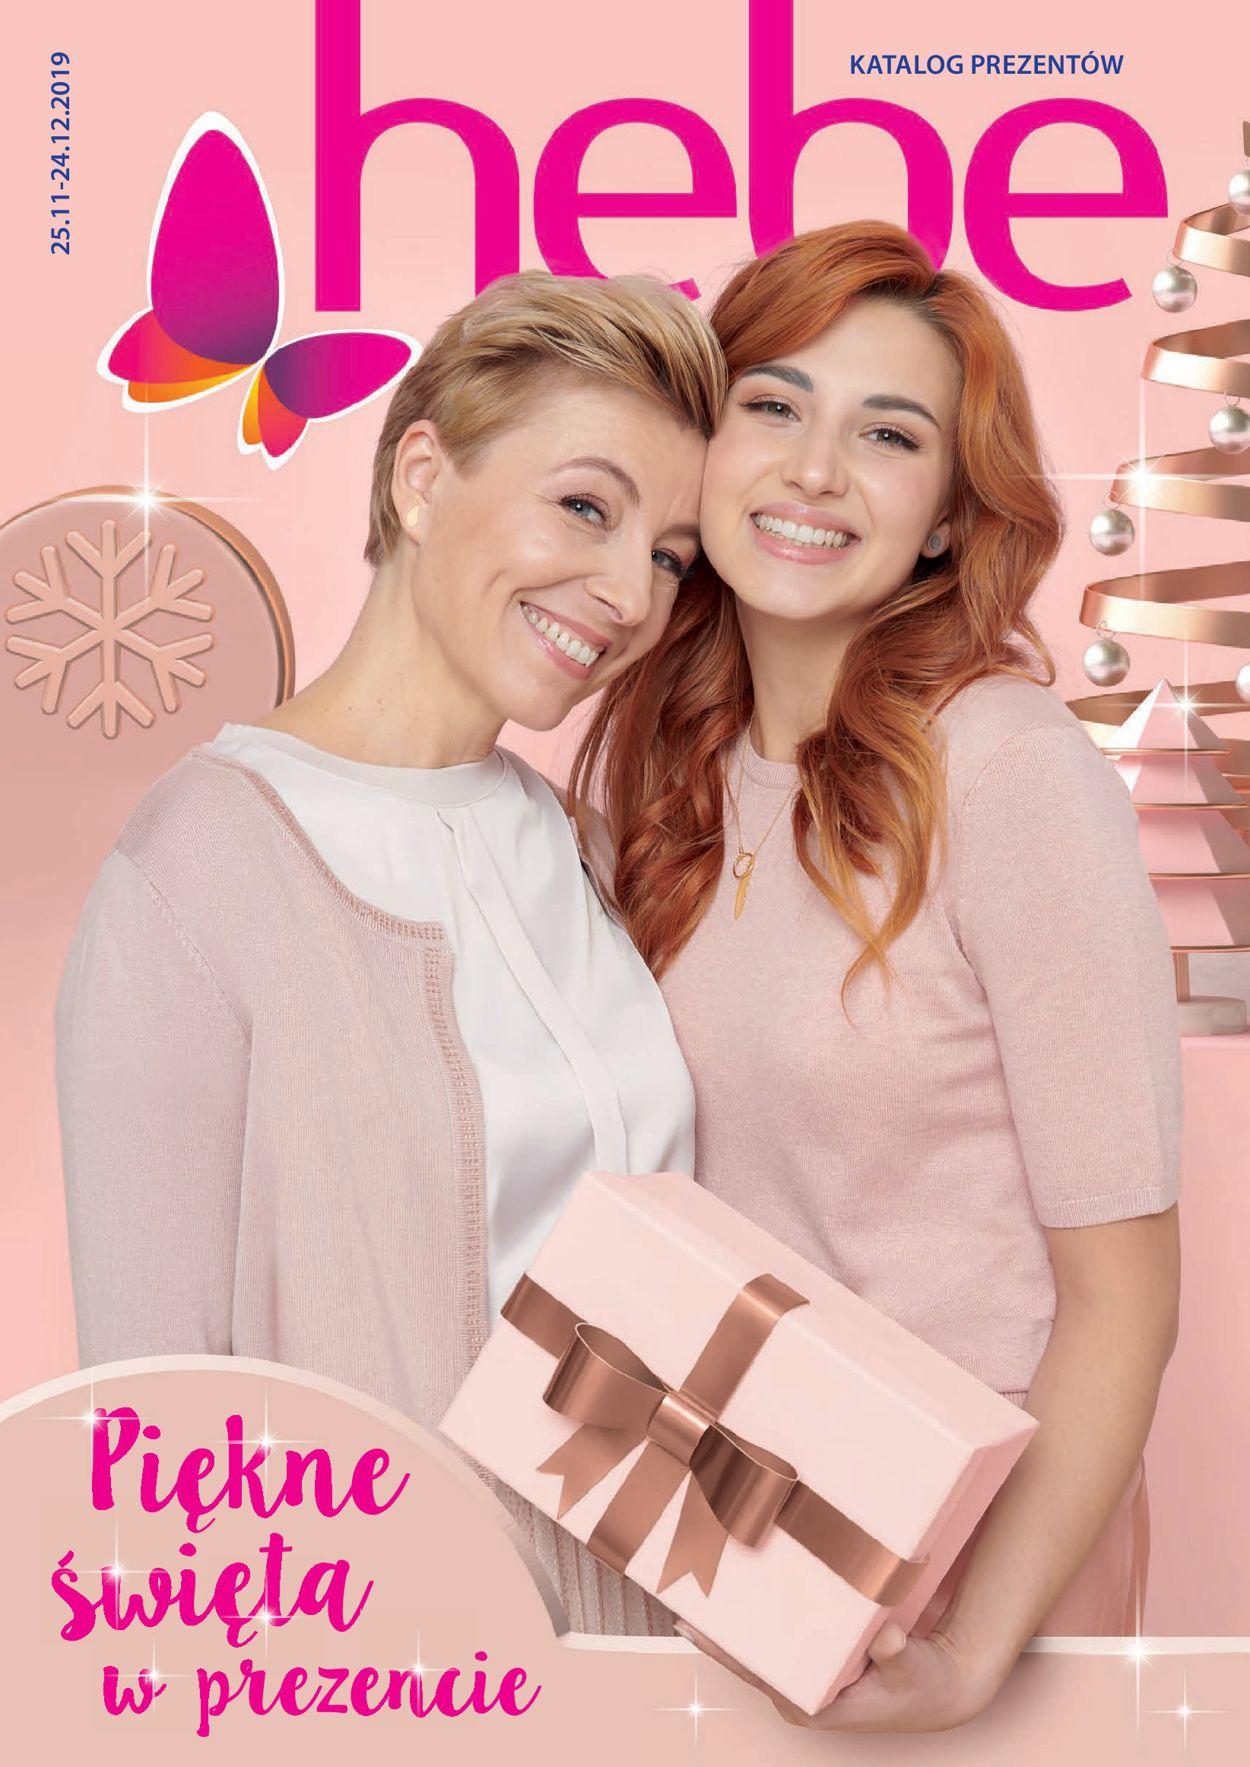 Gazetka promocyjna Hebe - Katalog Świąteczny 2019 - 25.11-24.12.2019